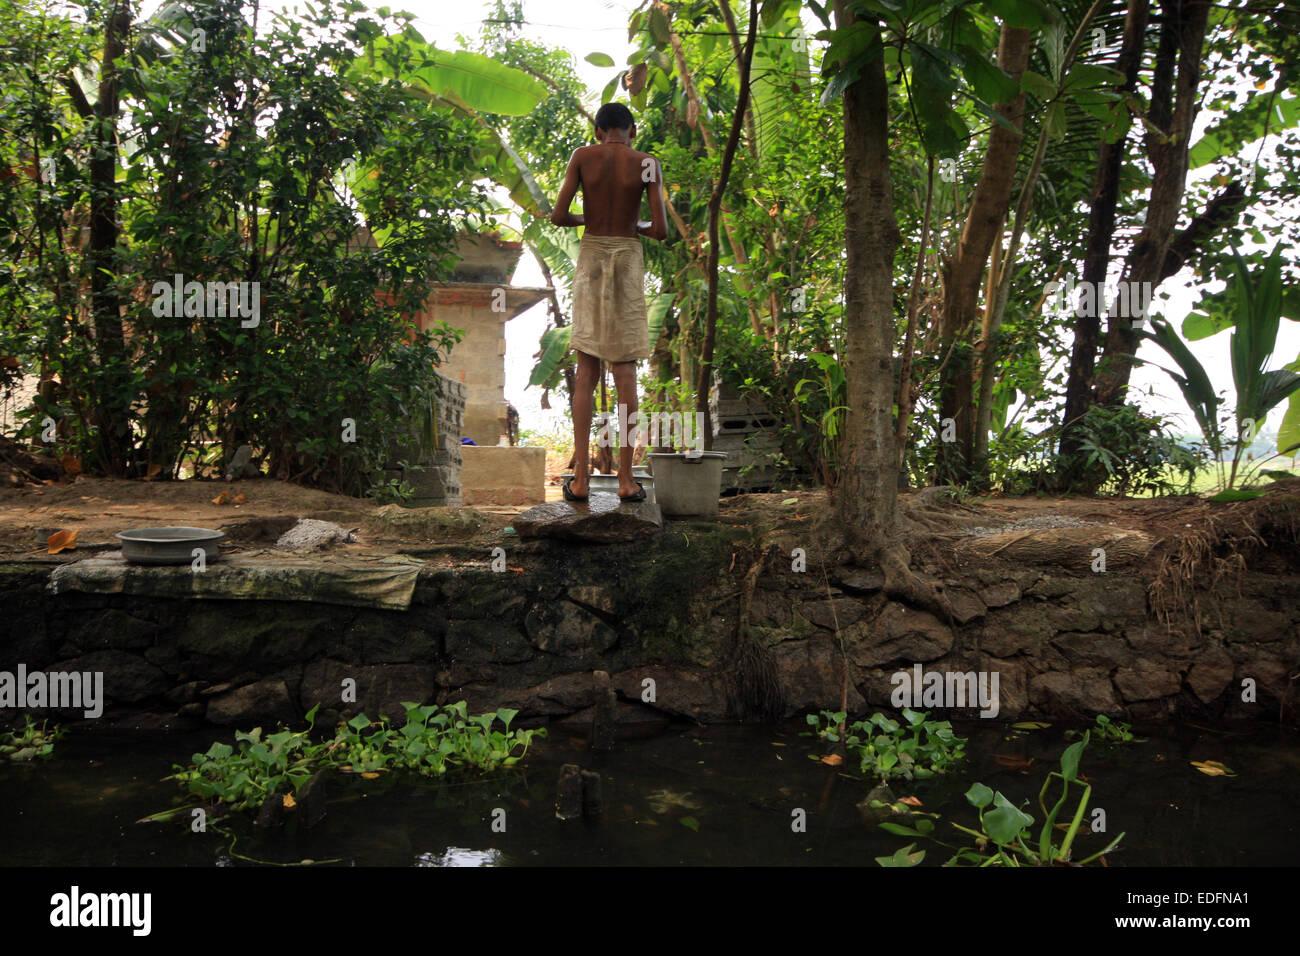 Lavaggio del ragazzo accanto al fiume nelle backwaters vicino Alleppey Immagini Stock